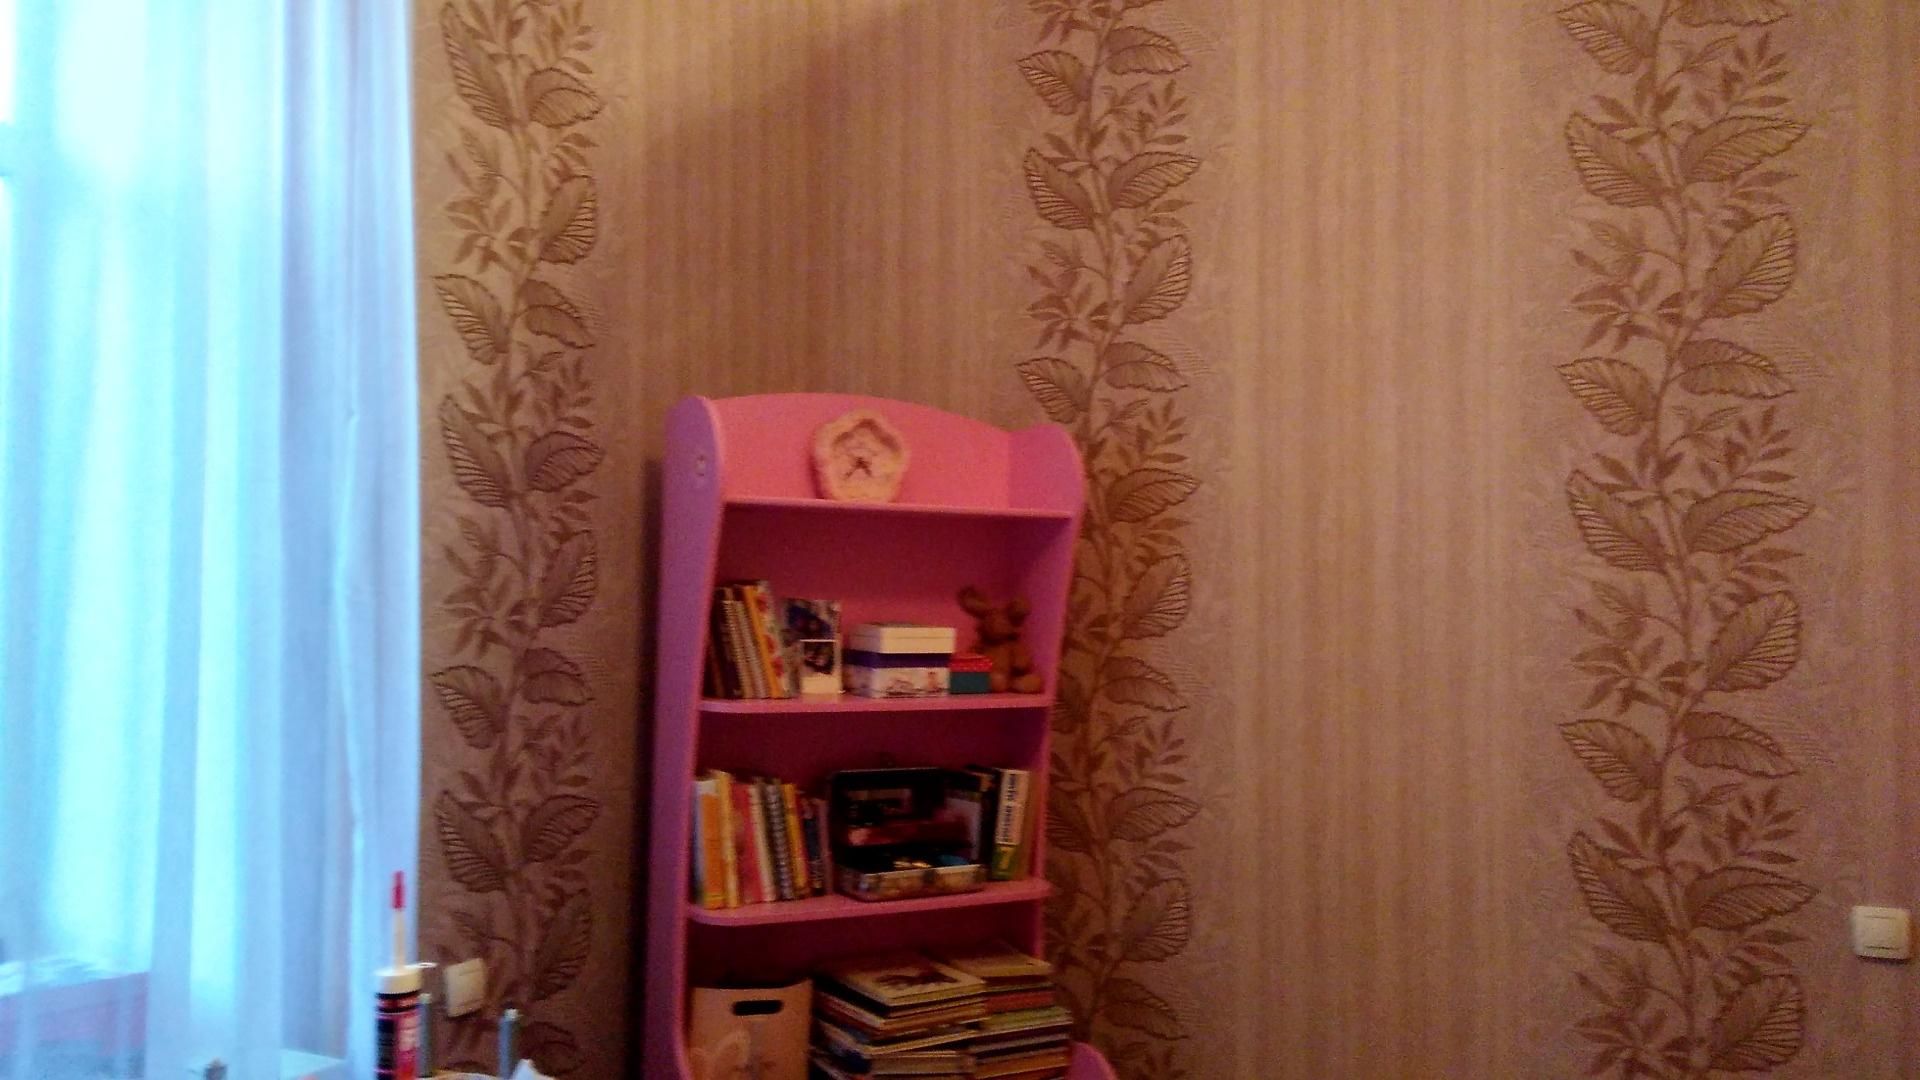 Продается 3-комнатная квартира на ул. Малая Арнаутская (Воровского) — 130 000 у.е. (фото №22)